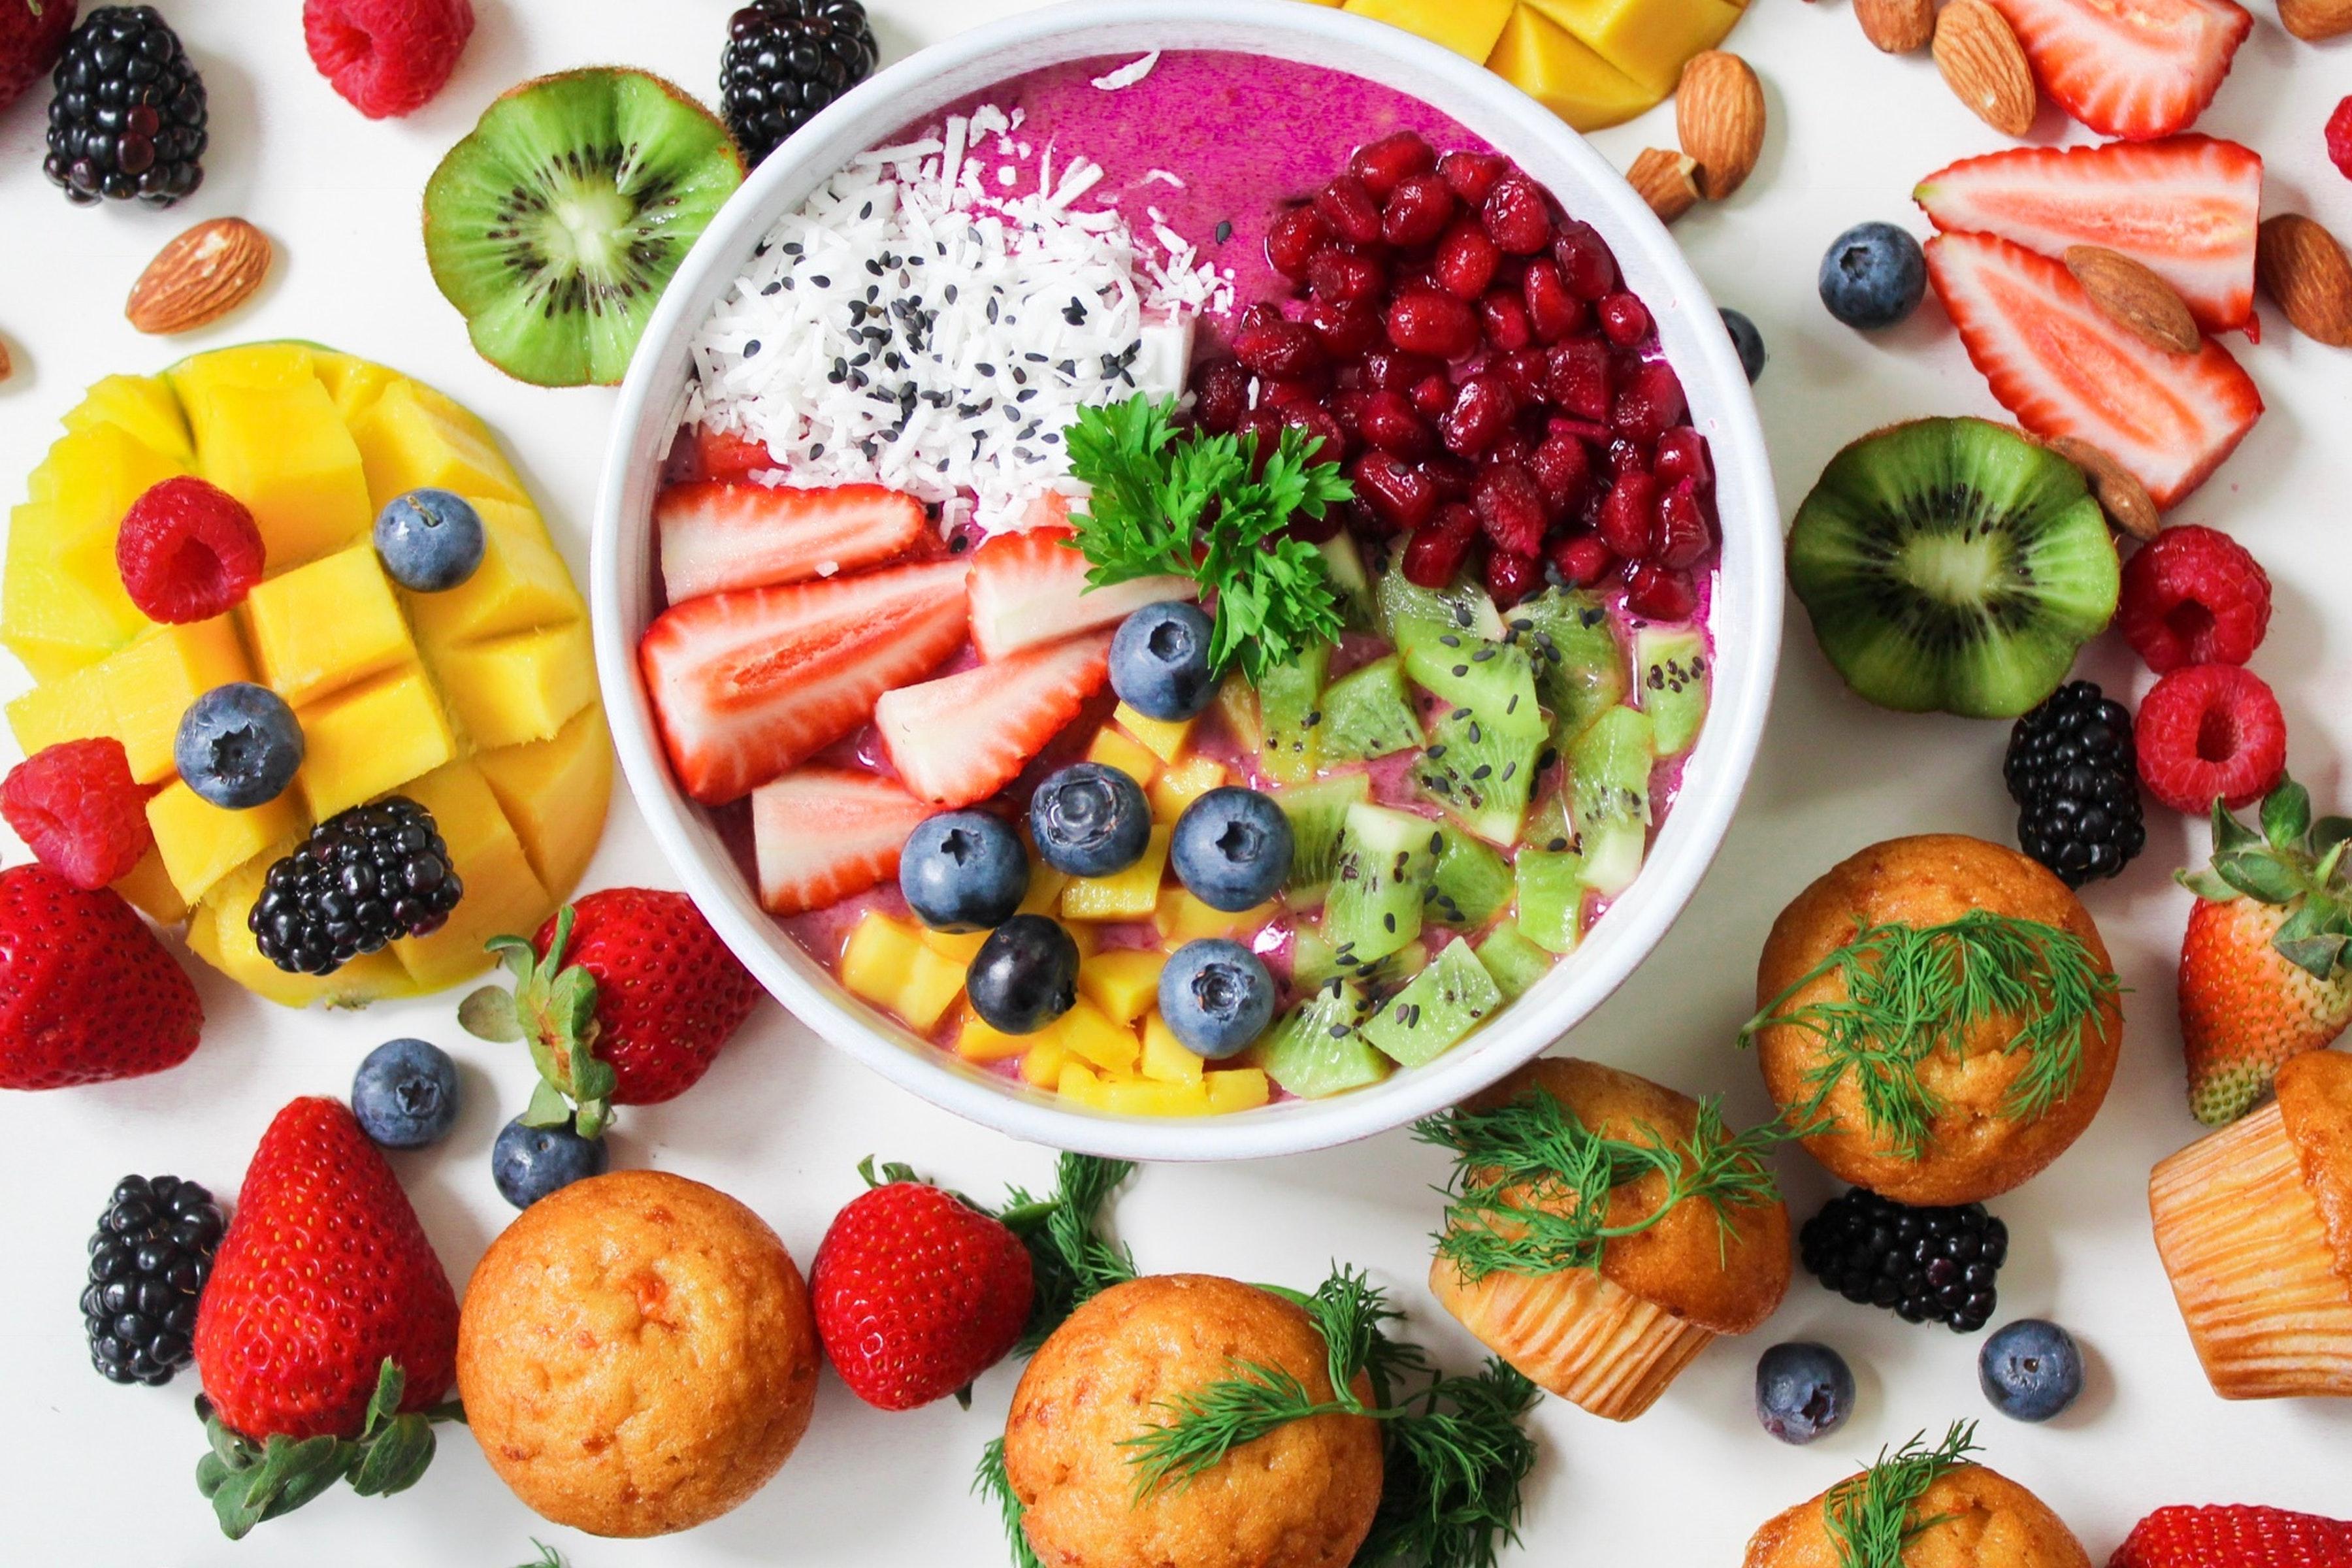 Depression bekämpfen Früchte auf dem Tisch